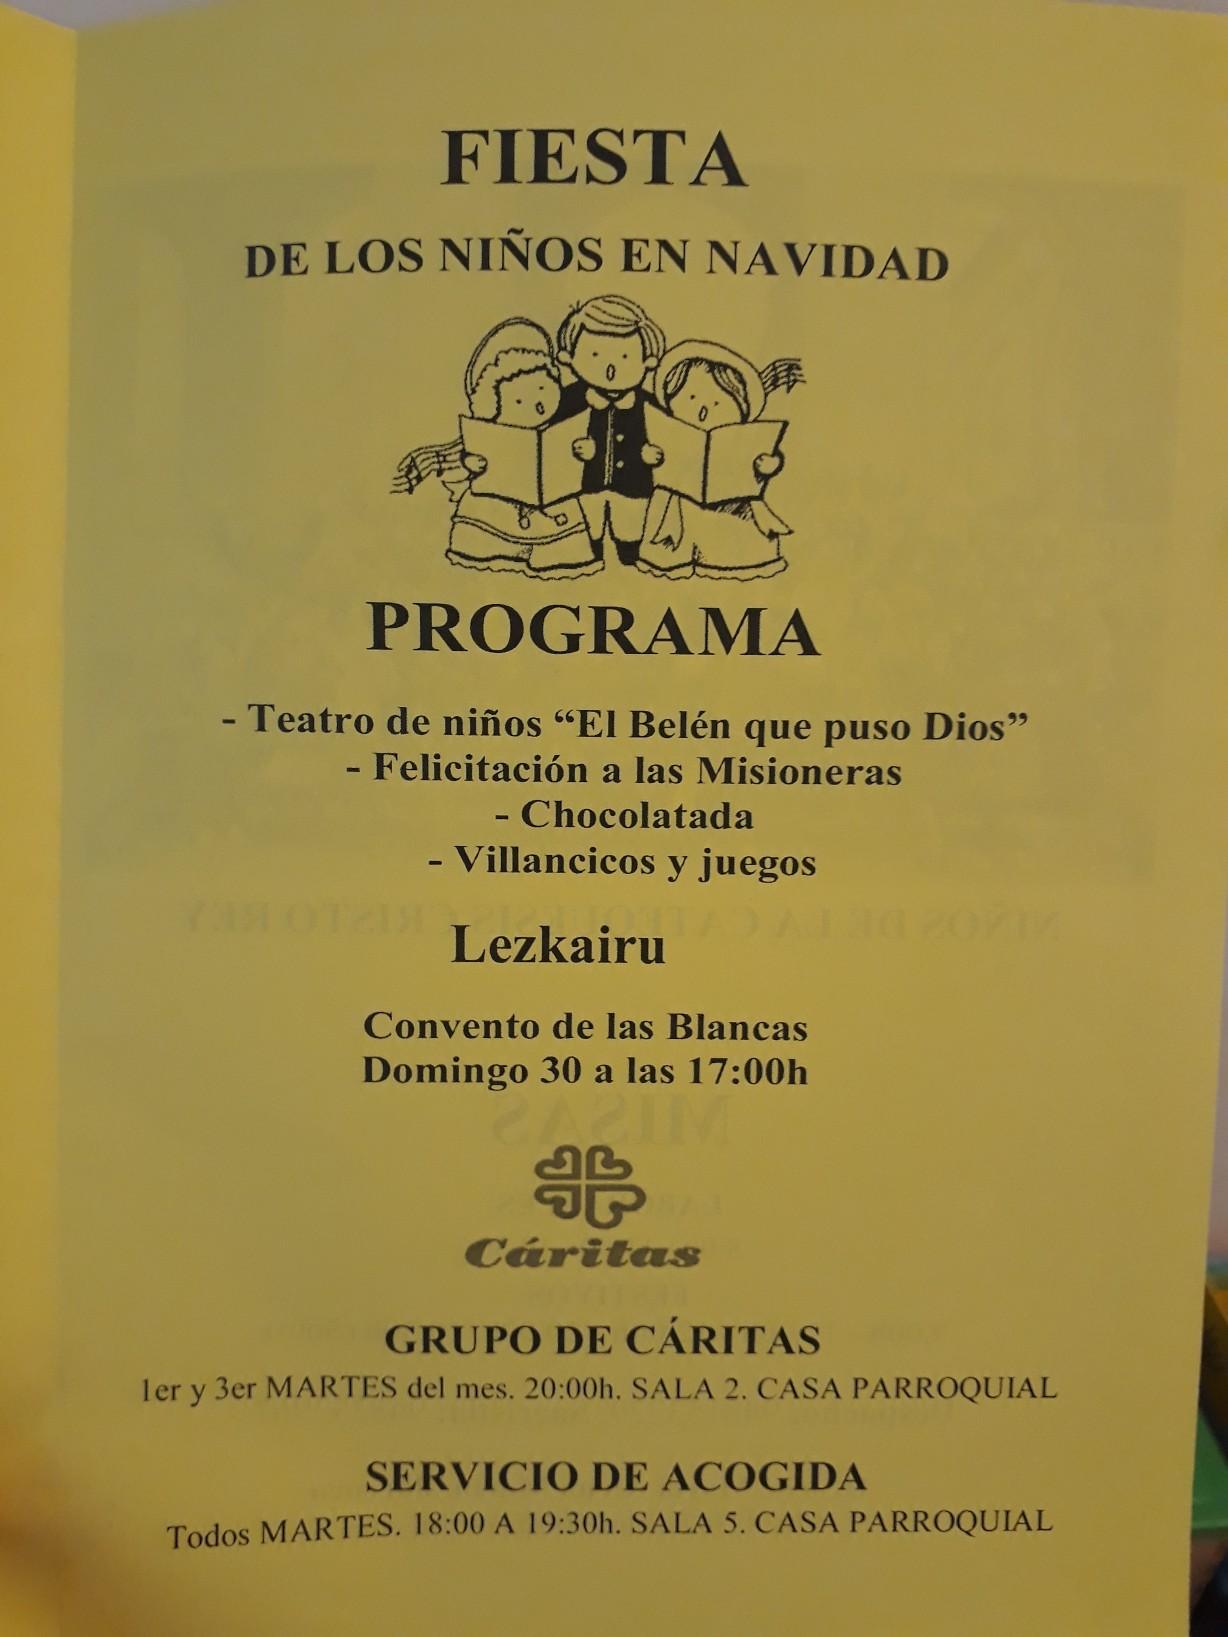 Fiesta de los Niños en Navidad en el Convento de Las Blancas